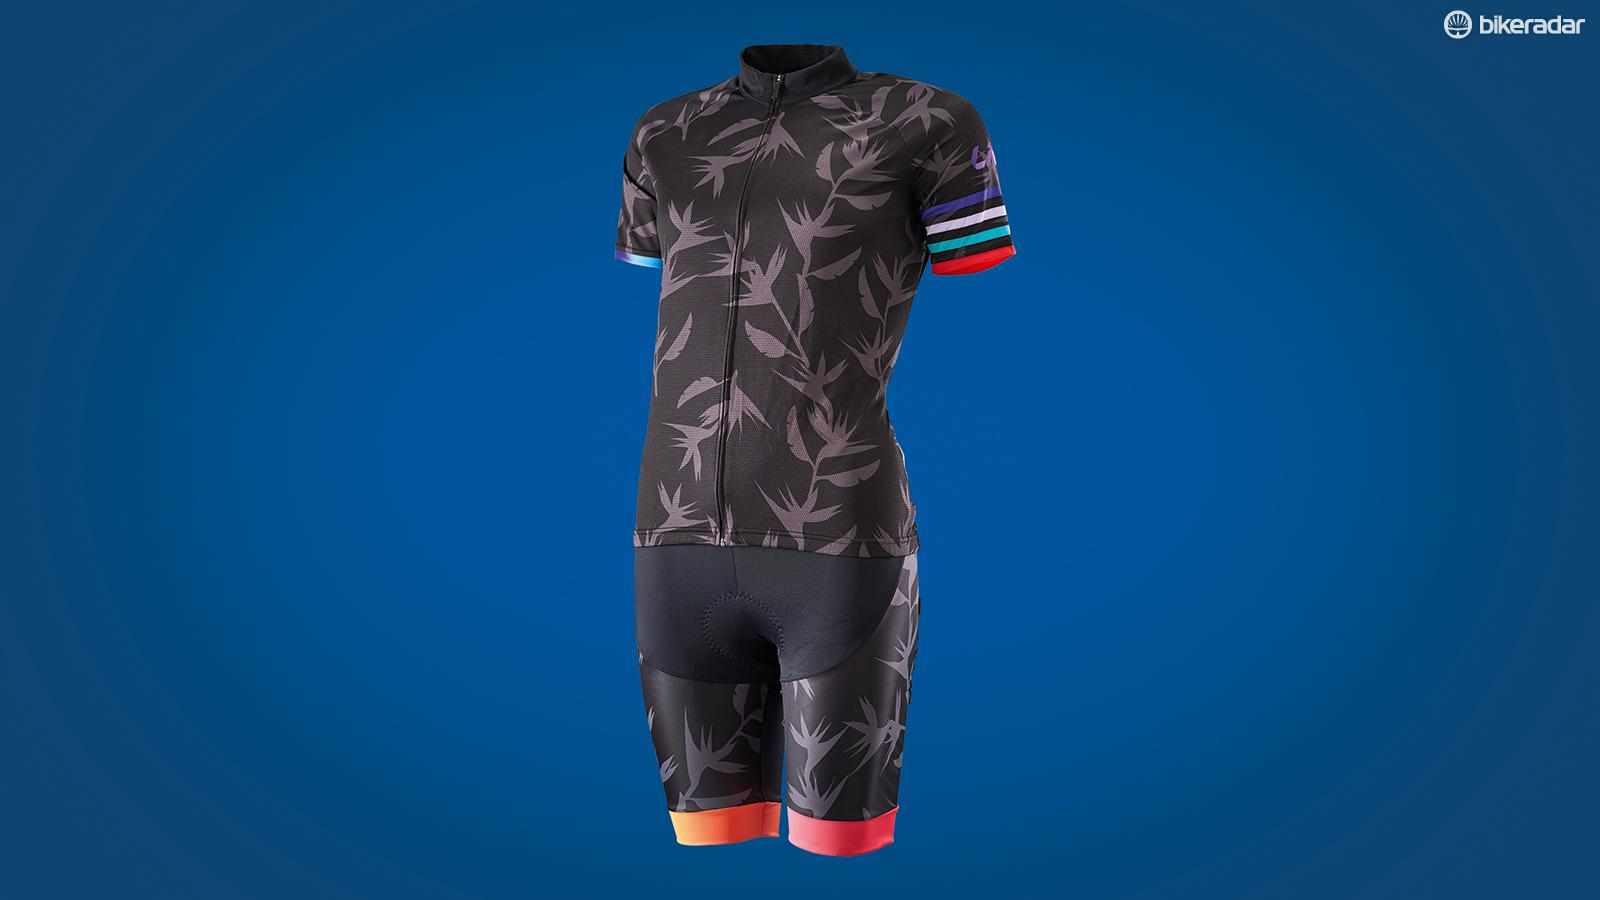 Liv Cycling Paradisa jersey and shorts